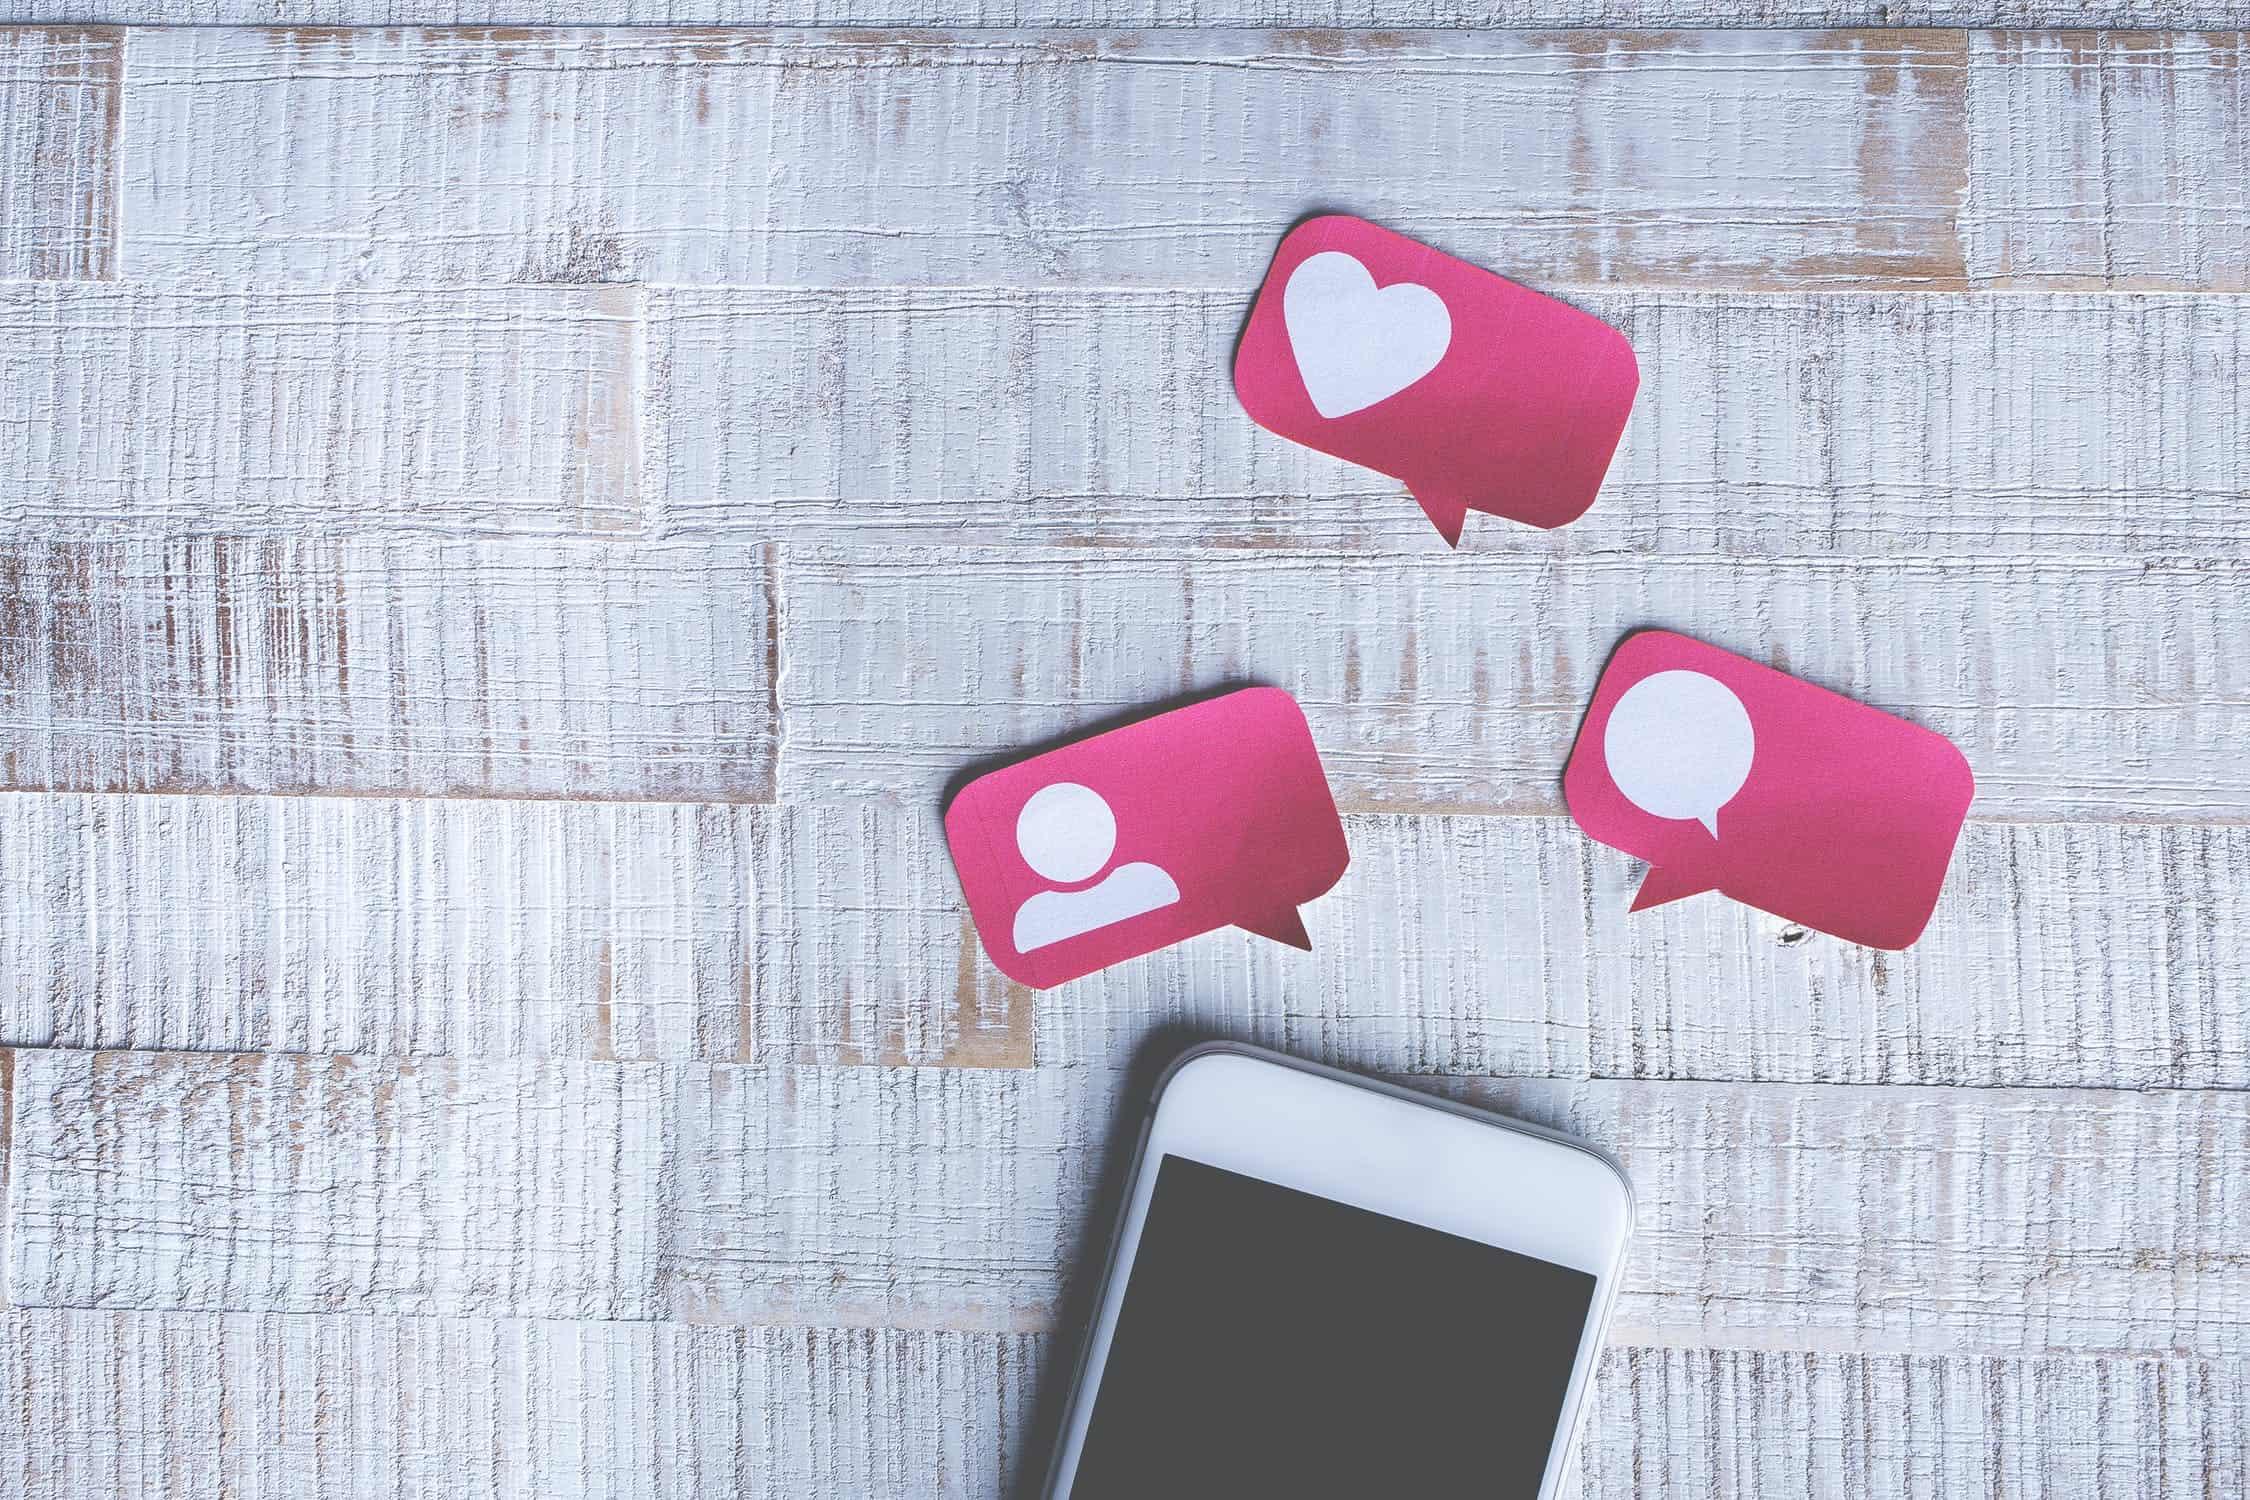 monitor-social-media